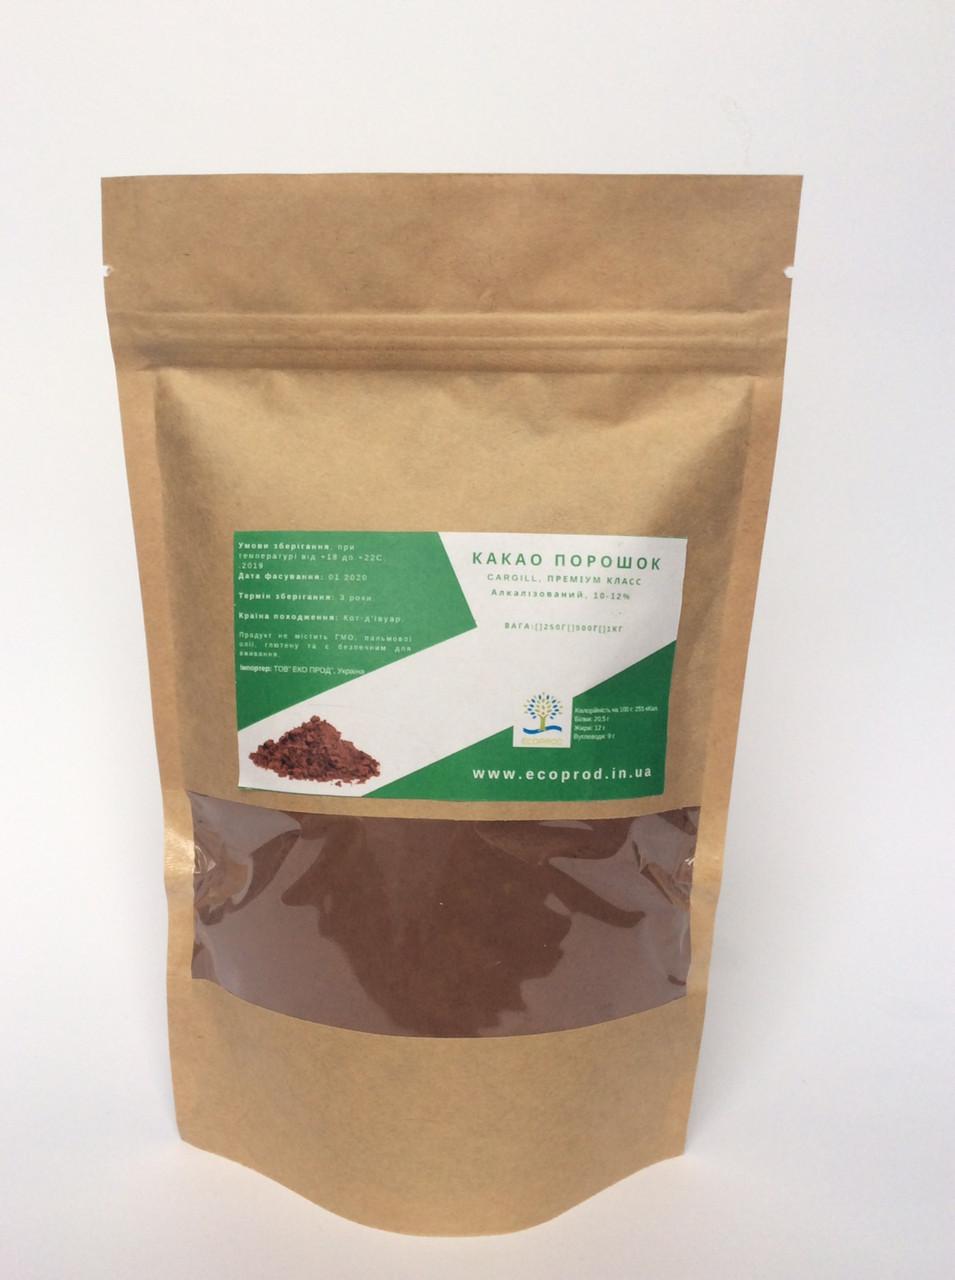 Какао порошок, 10-12% алкалізований,Cargill,DB82 - 500 гр